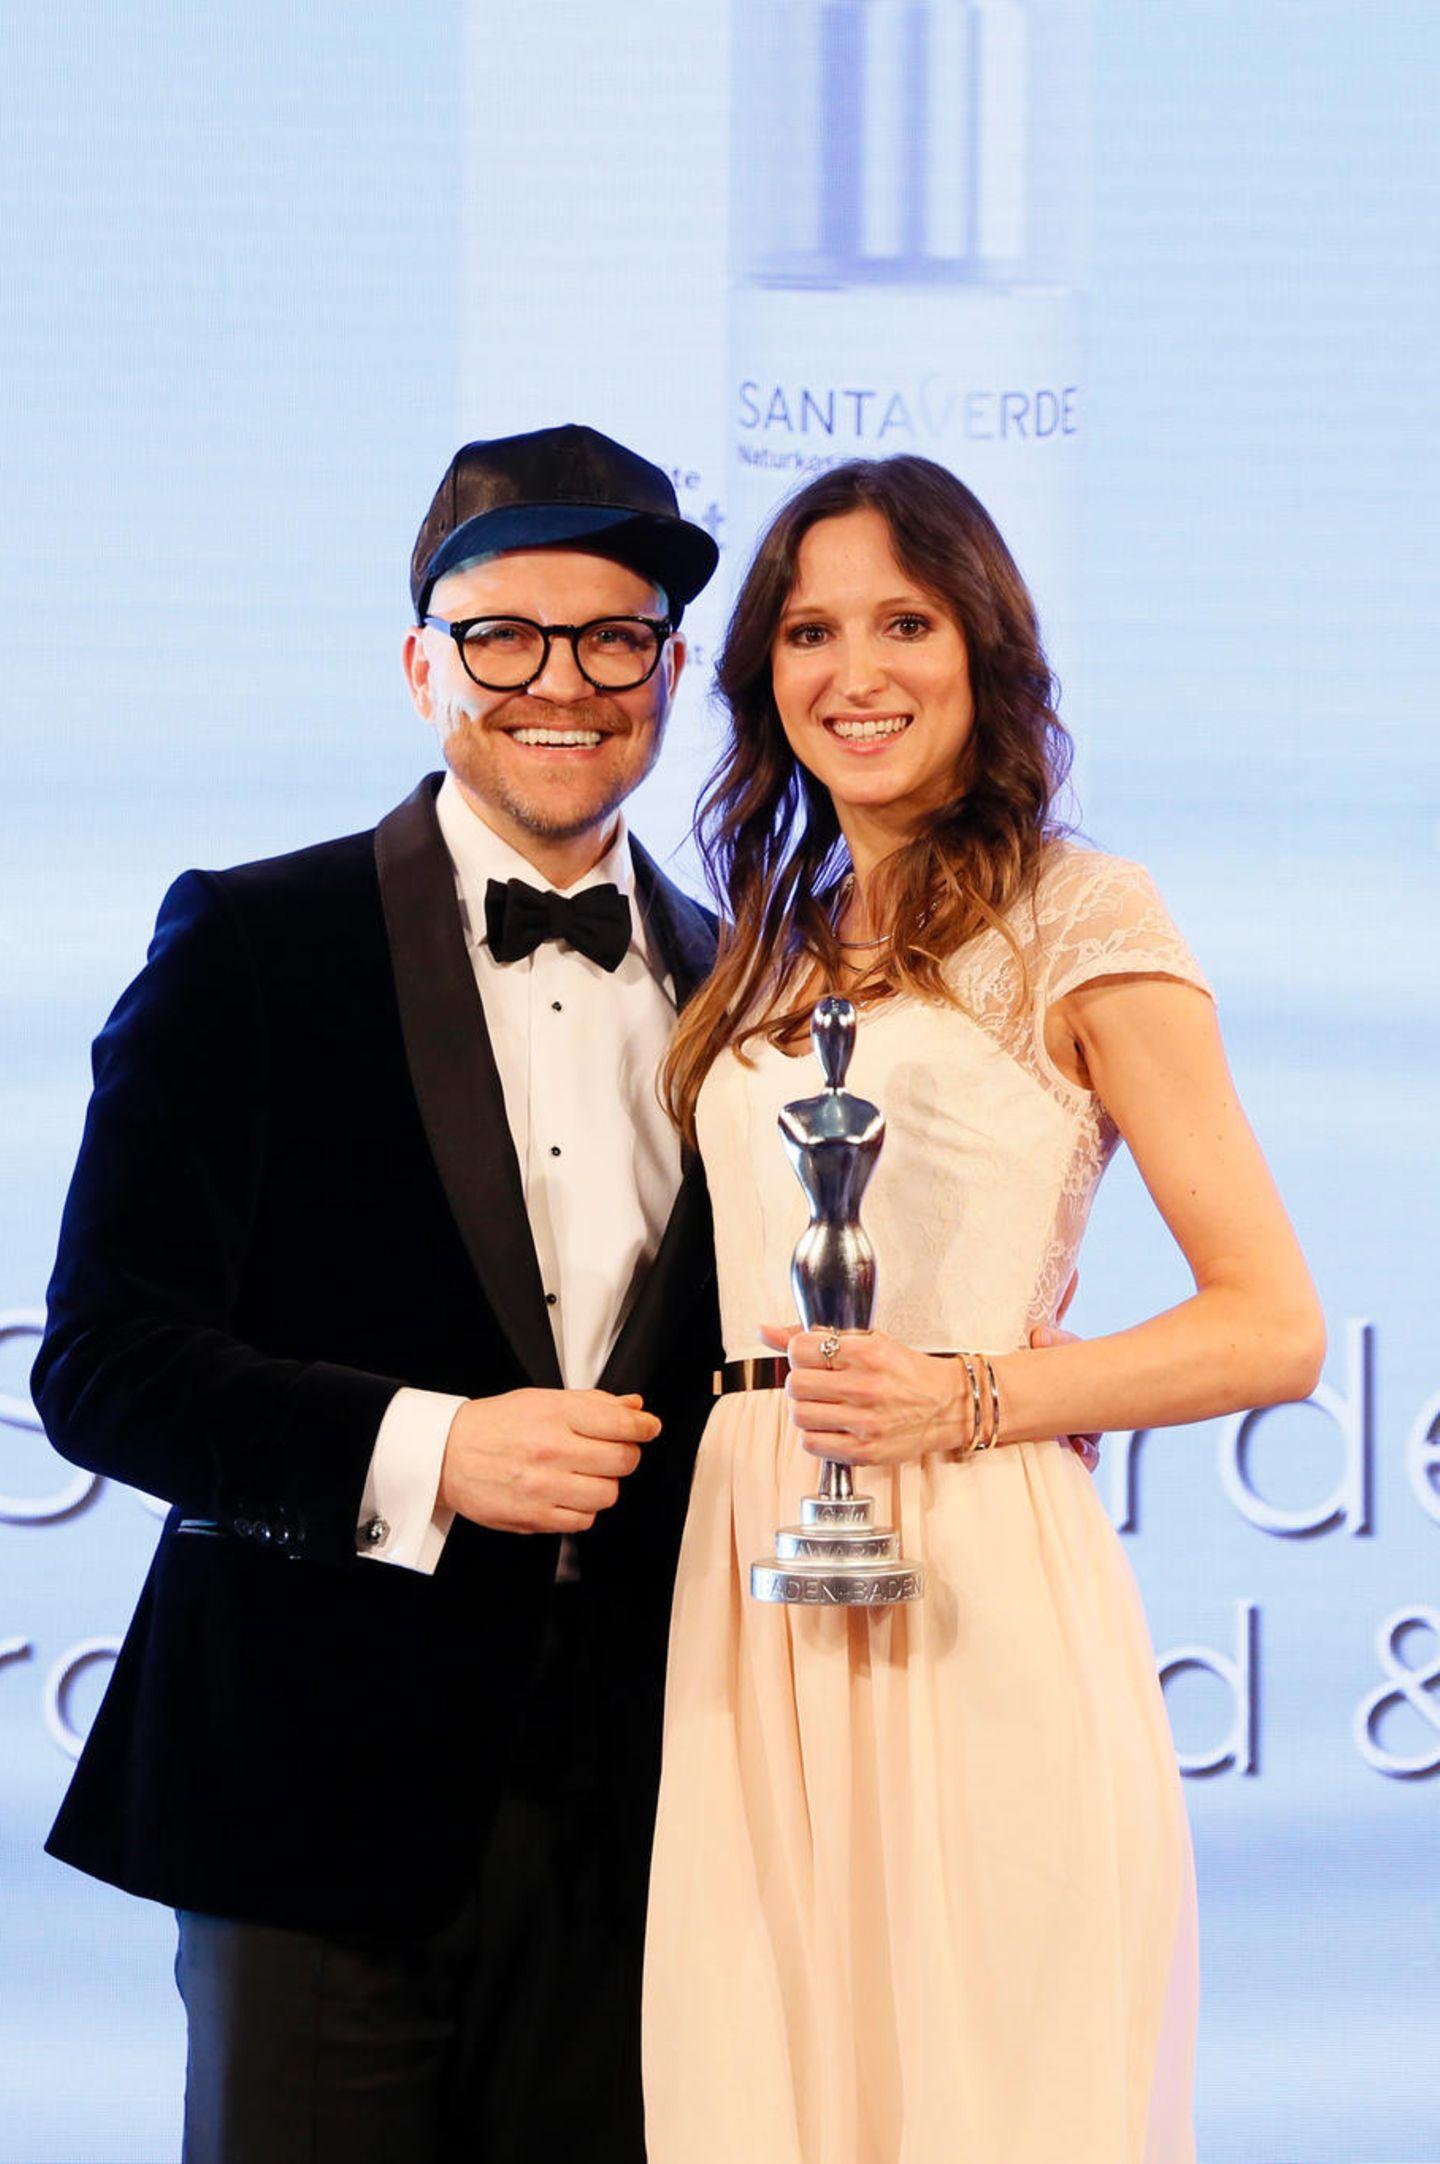 """Sichtlich glücklich: Armin Morbach vergibt den Beauty-Oscar in der Kategorie """"Organic Concepts"""" an Caroline Schliephake (stellvertretend für Sabine Beer) für """"Santaverde""""."""